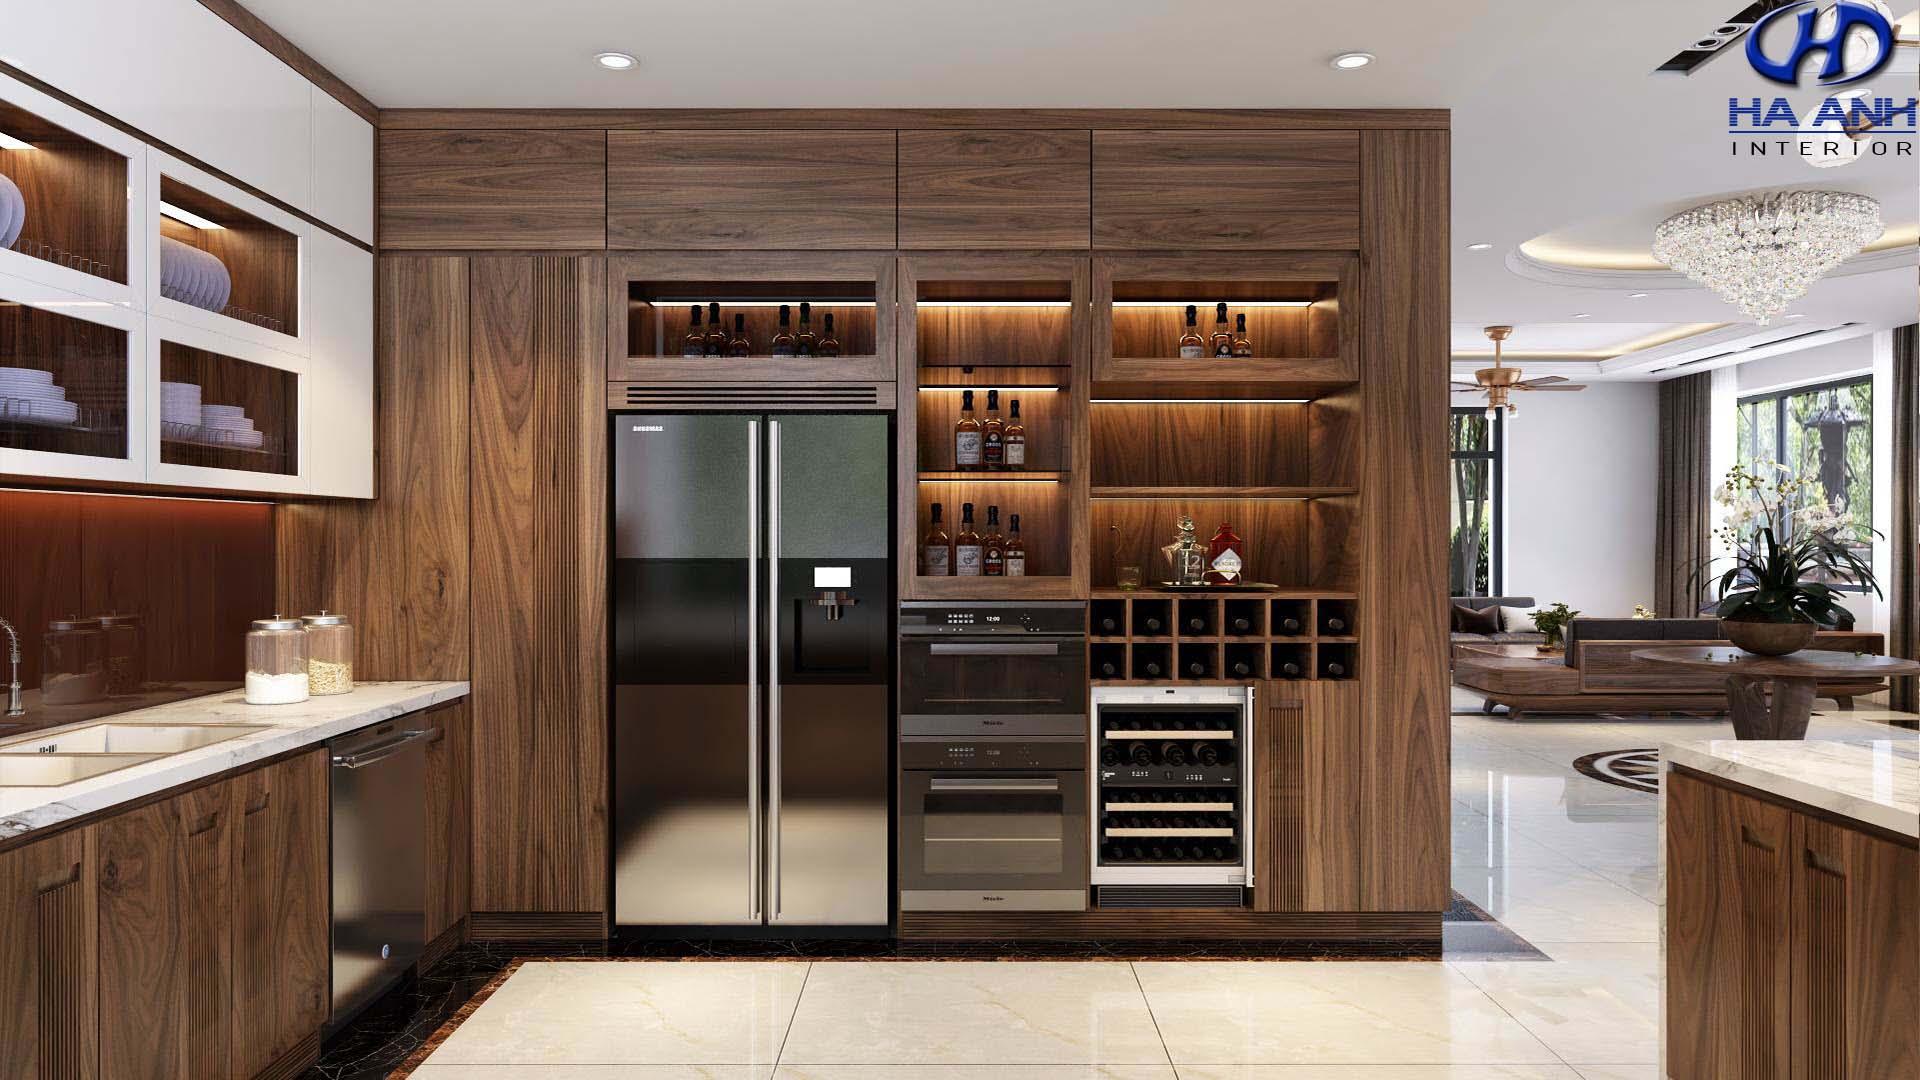 Thiết kế nội thất phòng bếp gỗ óc chó Hà Anh mang phong cách hiện đại